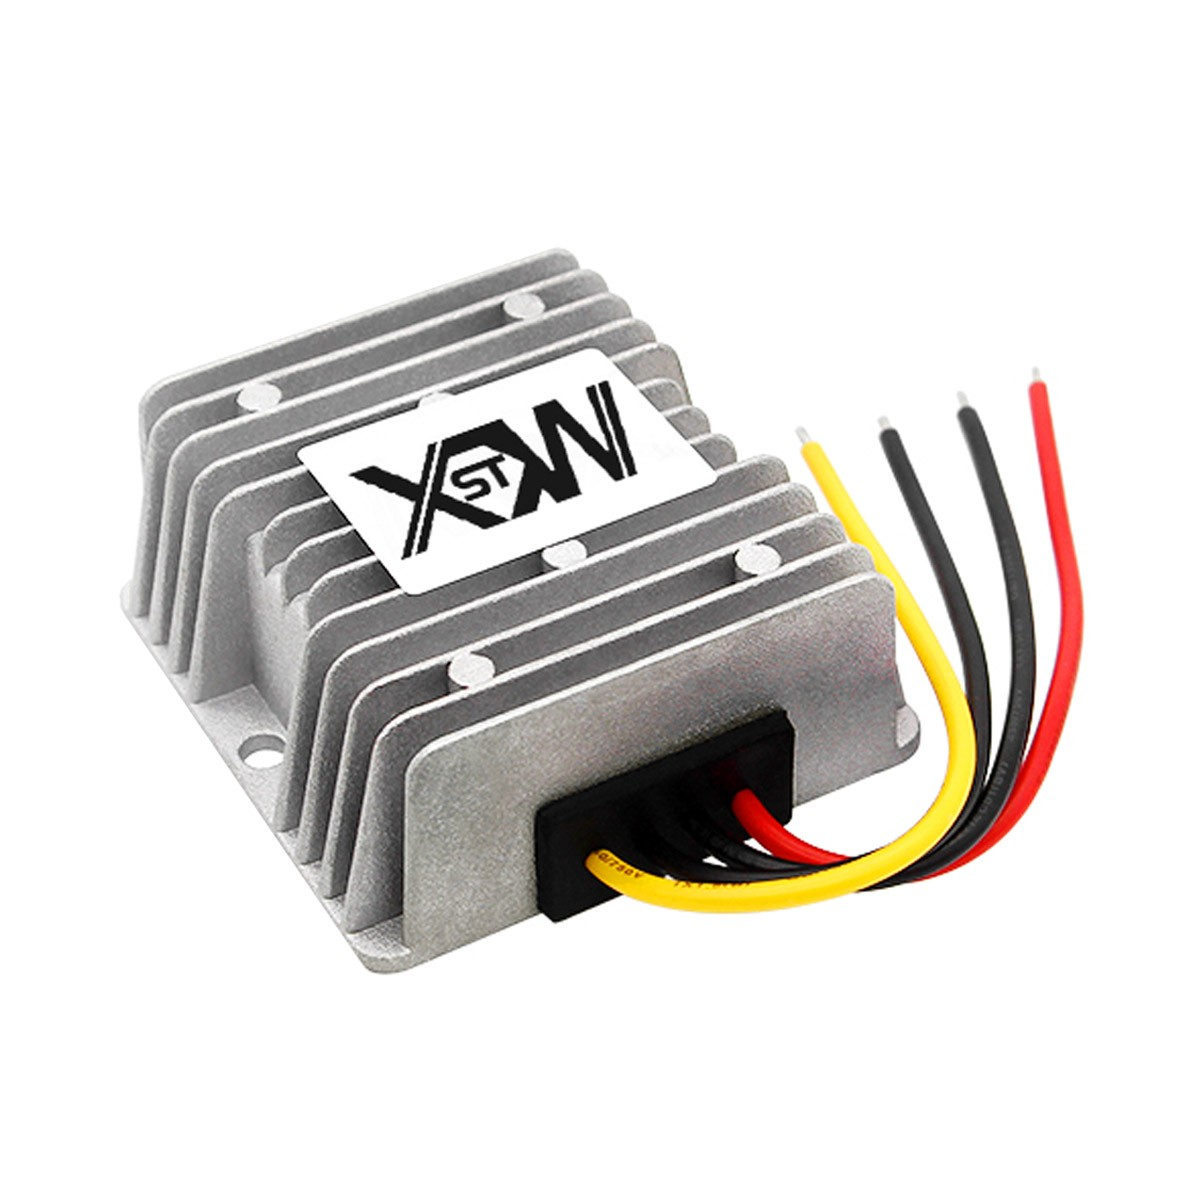 Adaptateur Convertisseur de Tension 12VDC vers 36VDC 4A 150W